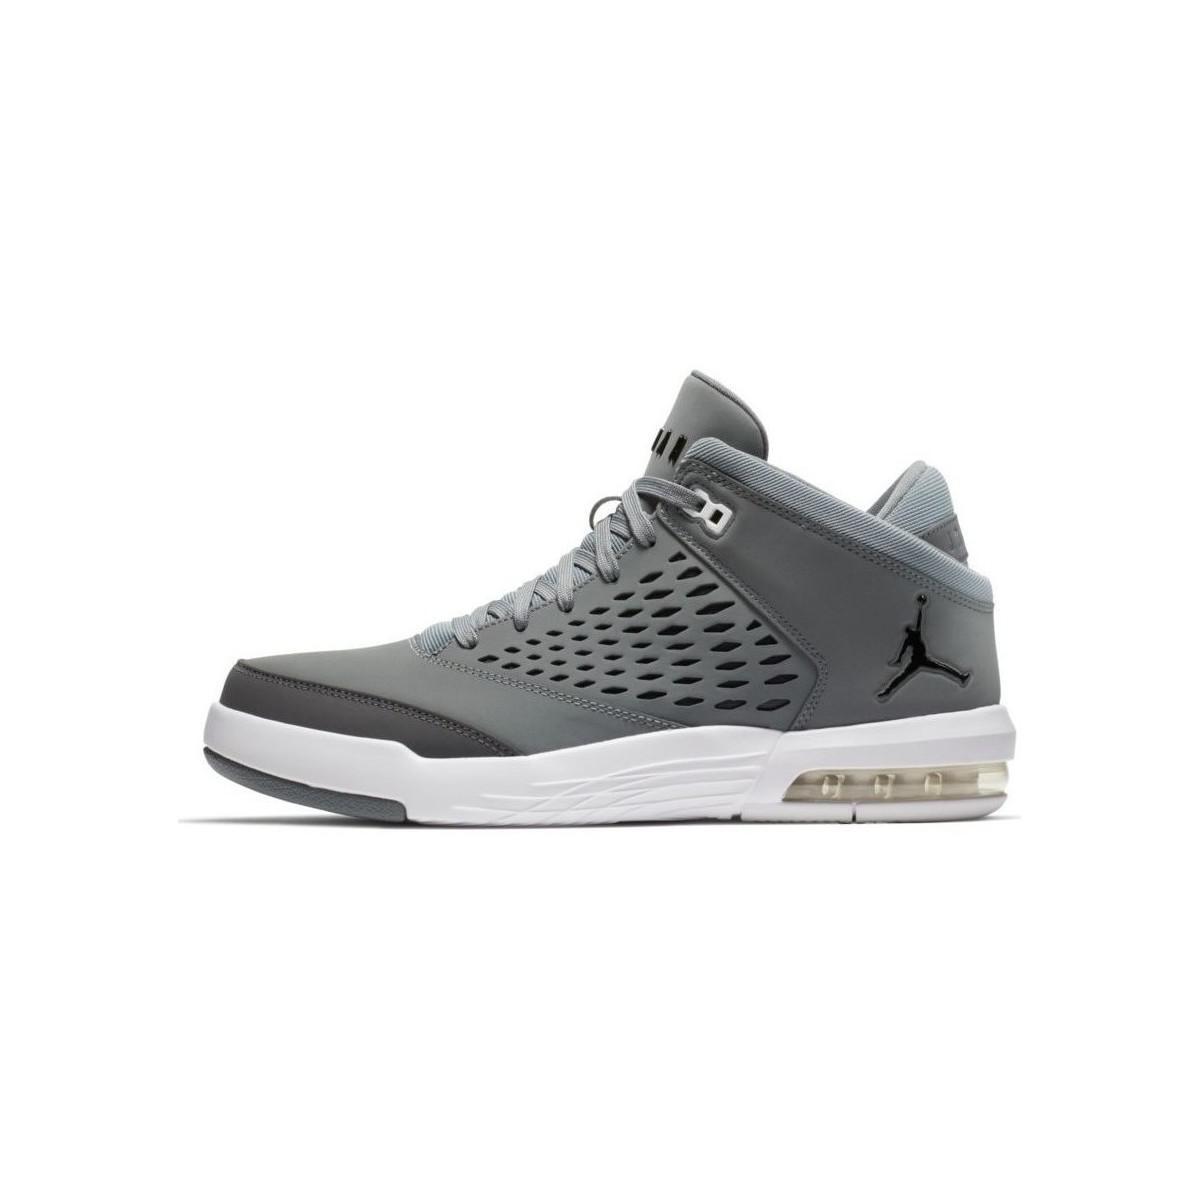 4ee86c06613 Nike Air Jordan Flight Origin 4 Men's Basketball Trainers (shoes) In ...